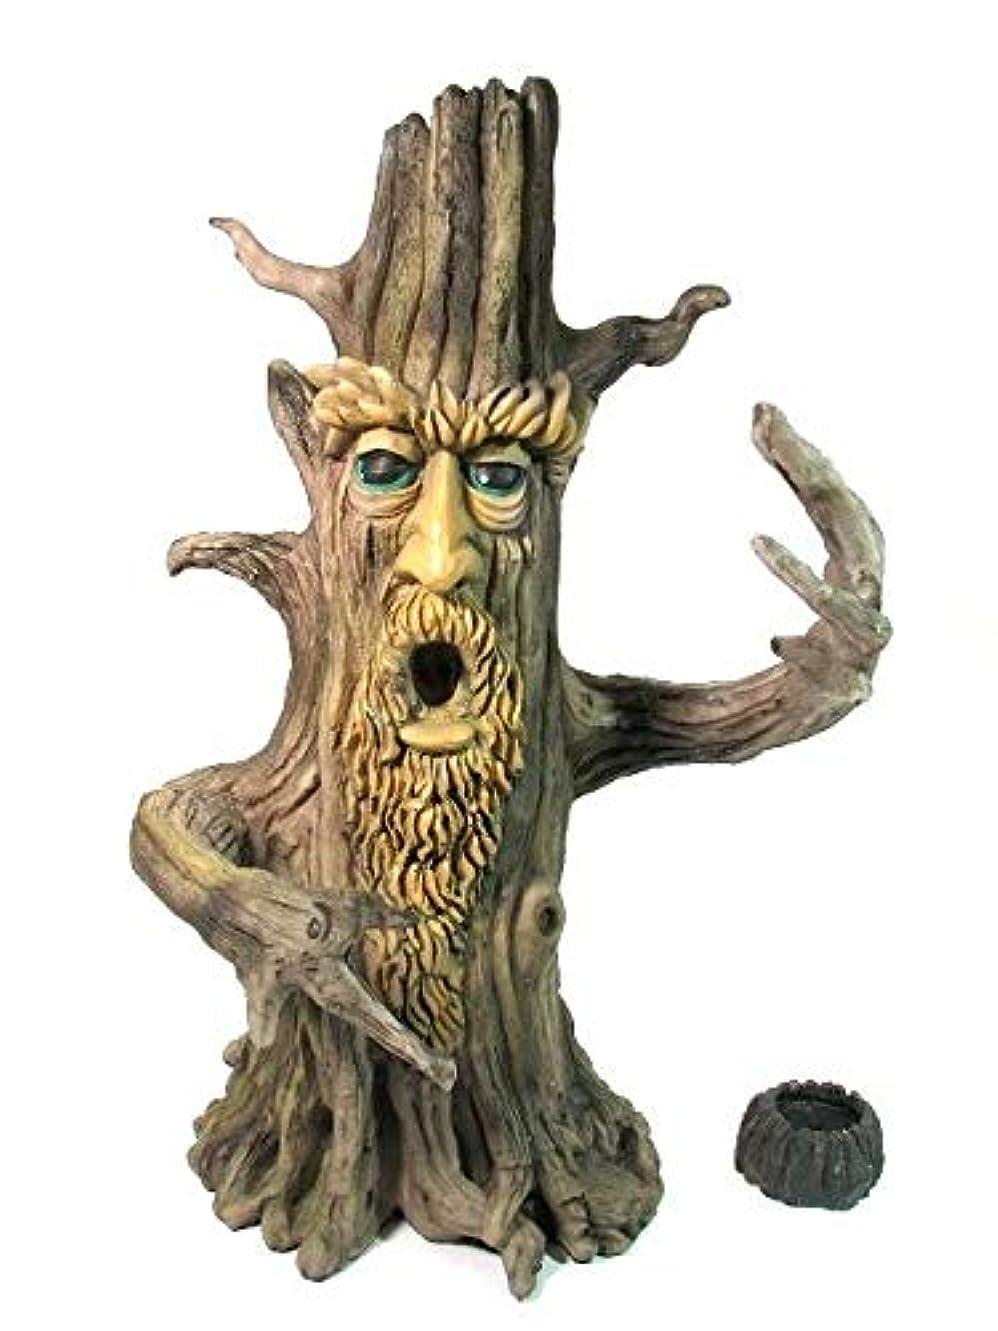 枯れる人形ポンプ[INCENSE GOODS(インセンスグッズ)] TREE MAN INCENSE BURNER 木の精香立